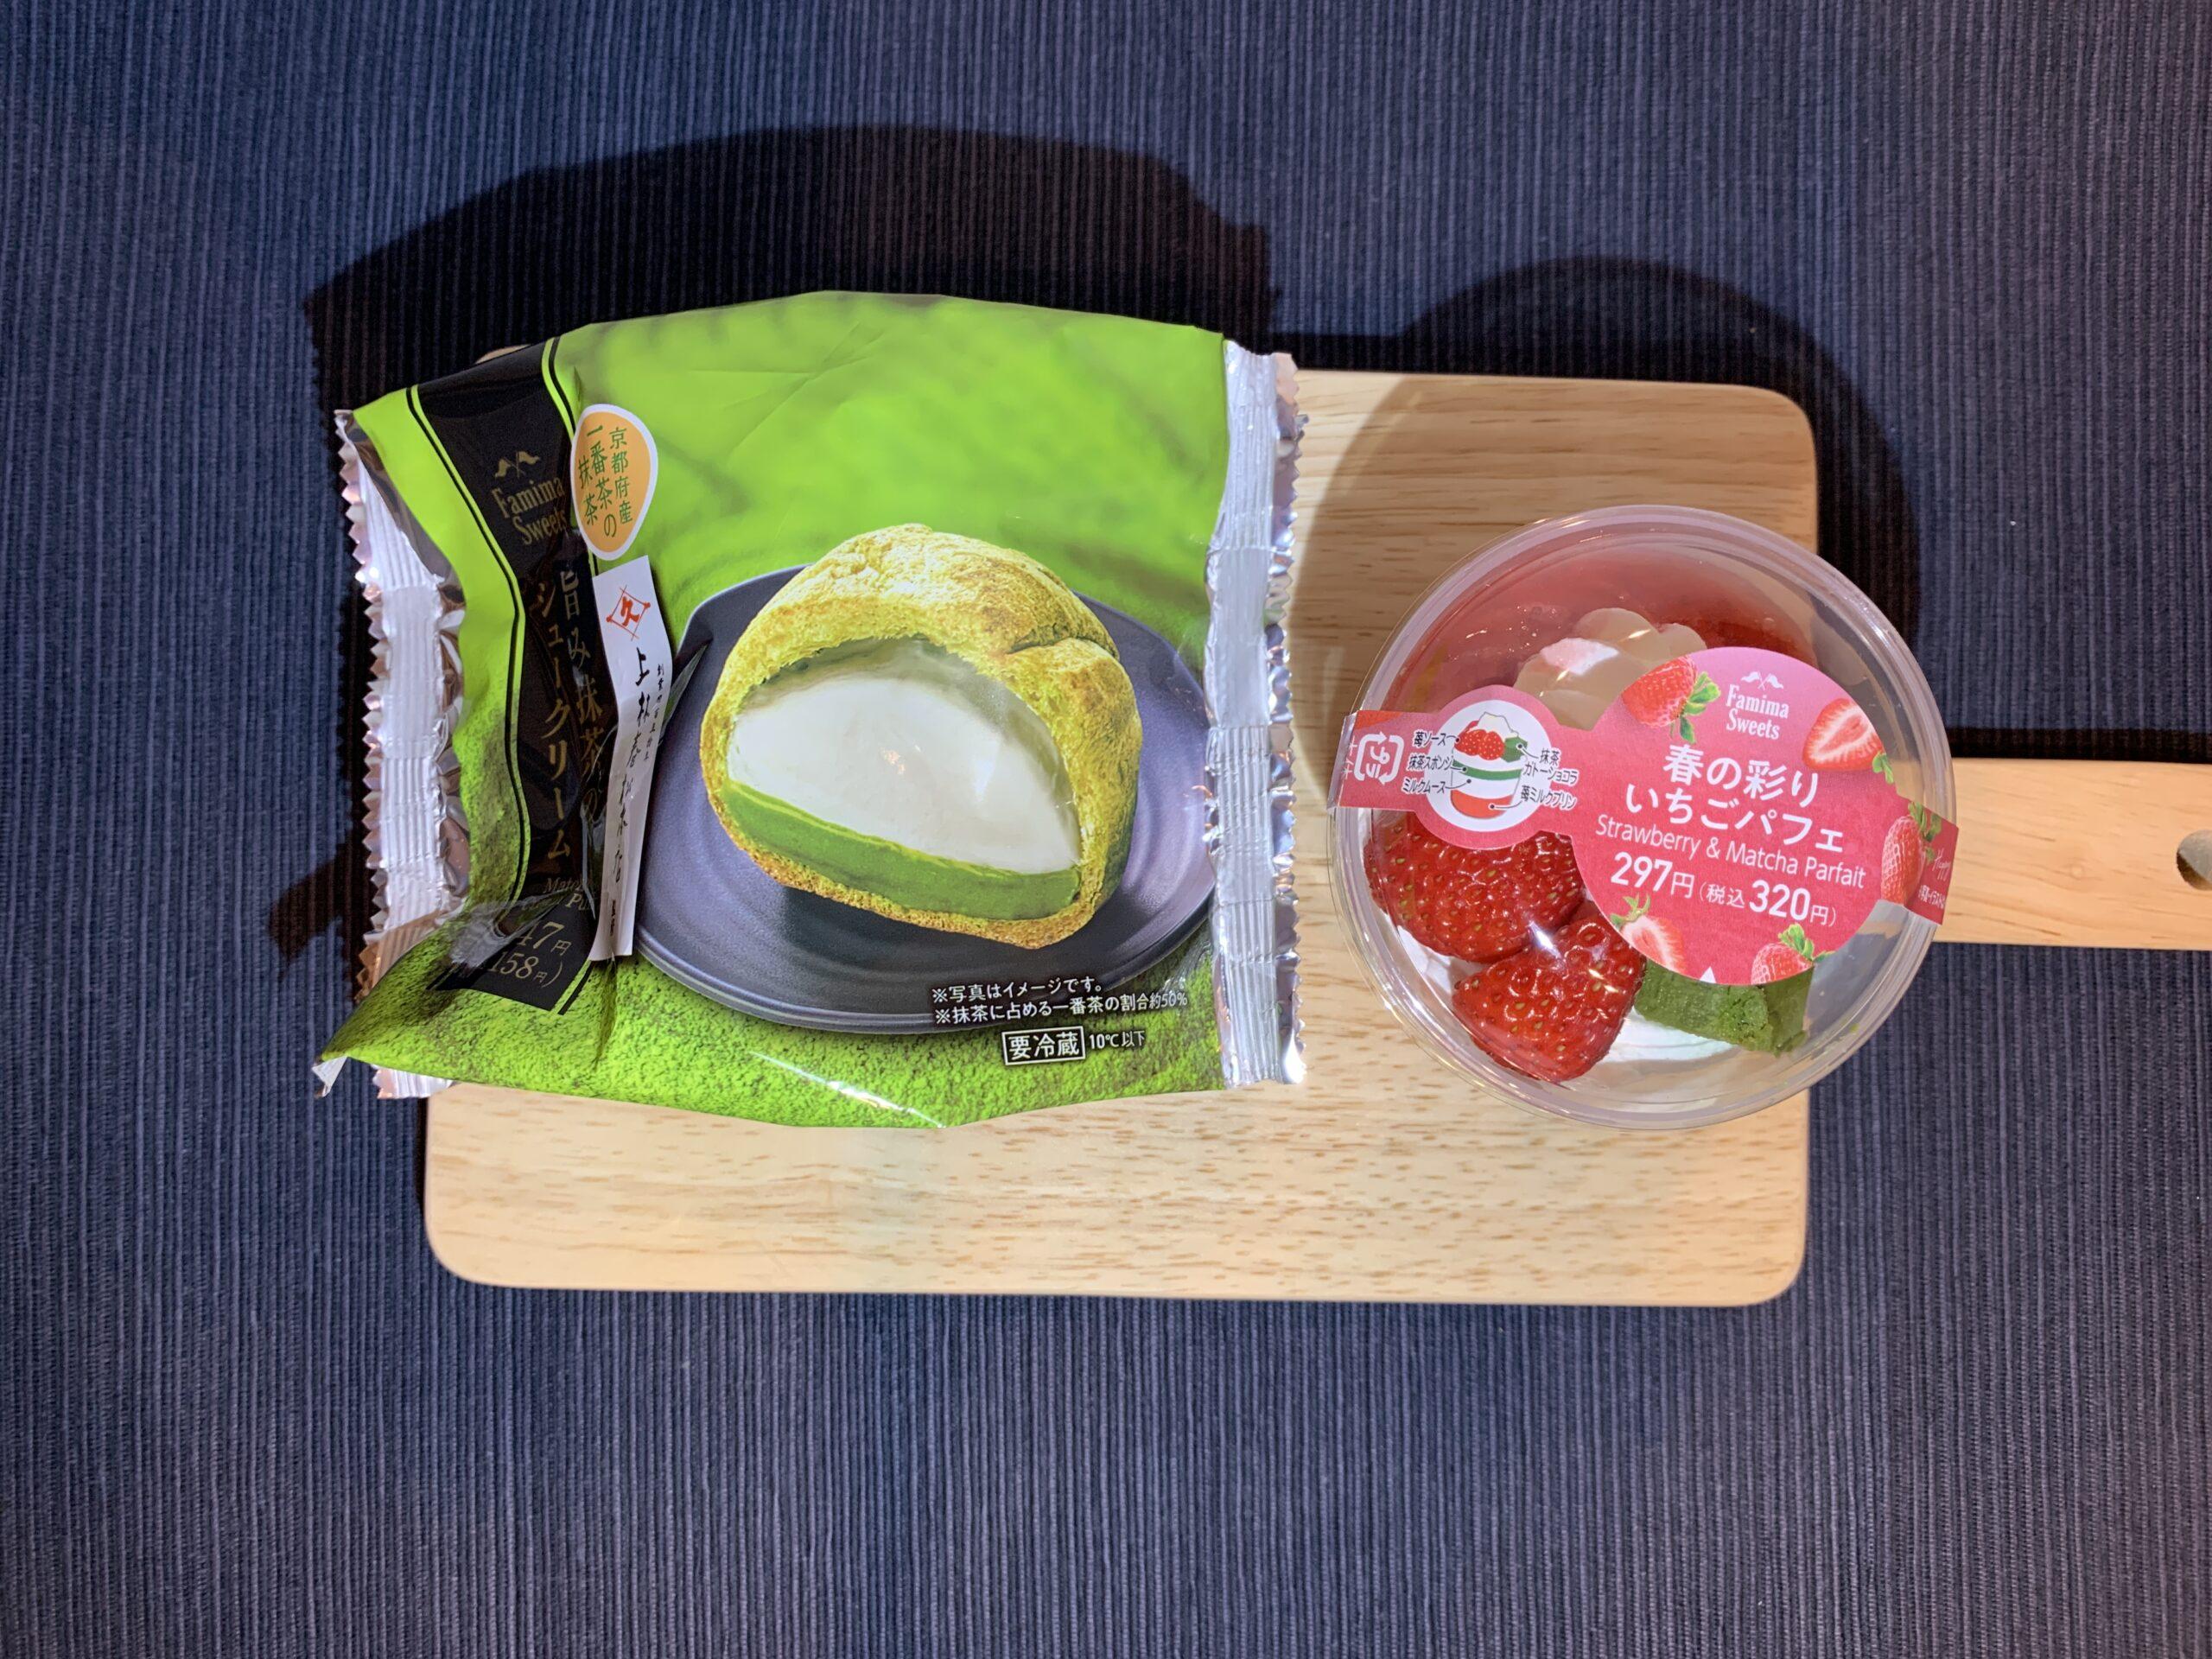 ファミマスイーツ・旨み抹茶のシュークリーム&春の彩りいちごパフェ実食レビュー